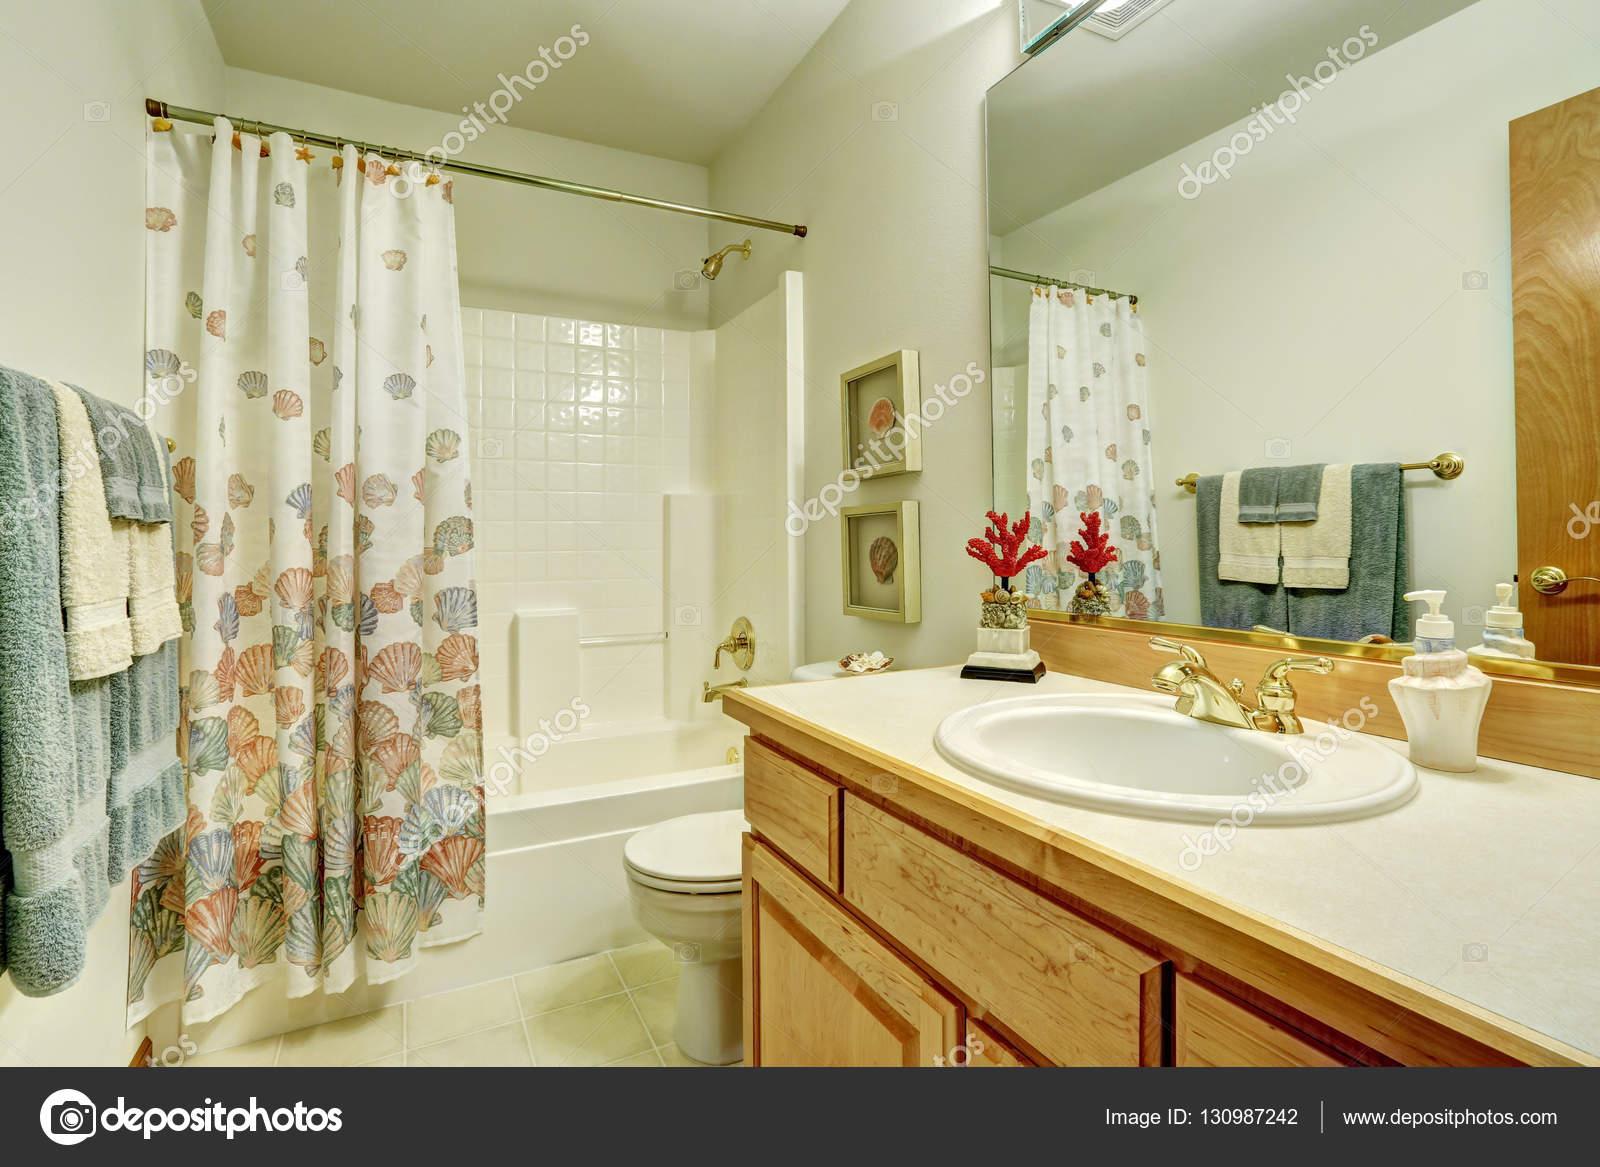 Bagno in stile marino tenda da doccia con reticolo di conchiglie